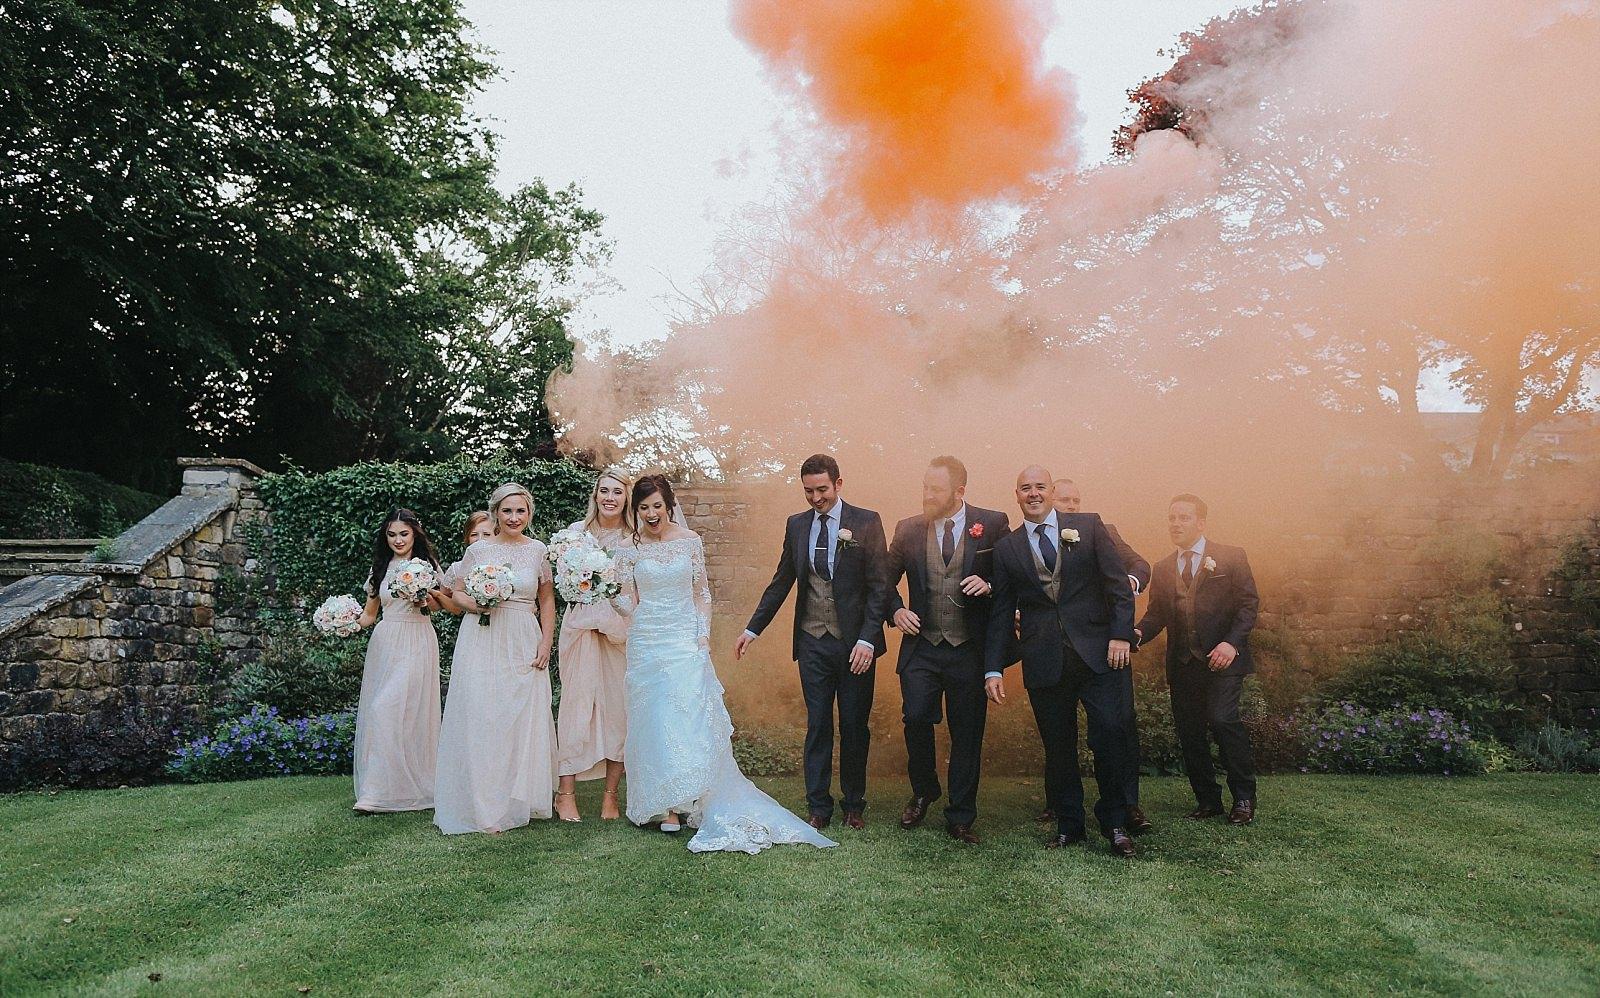 eaves hall wedding photographer uses smoke bombs